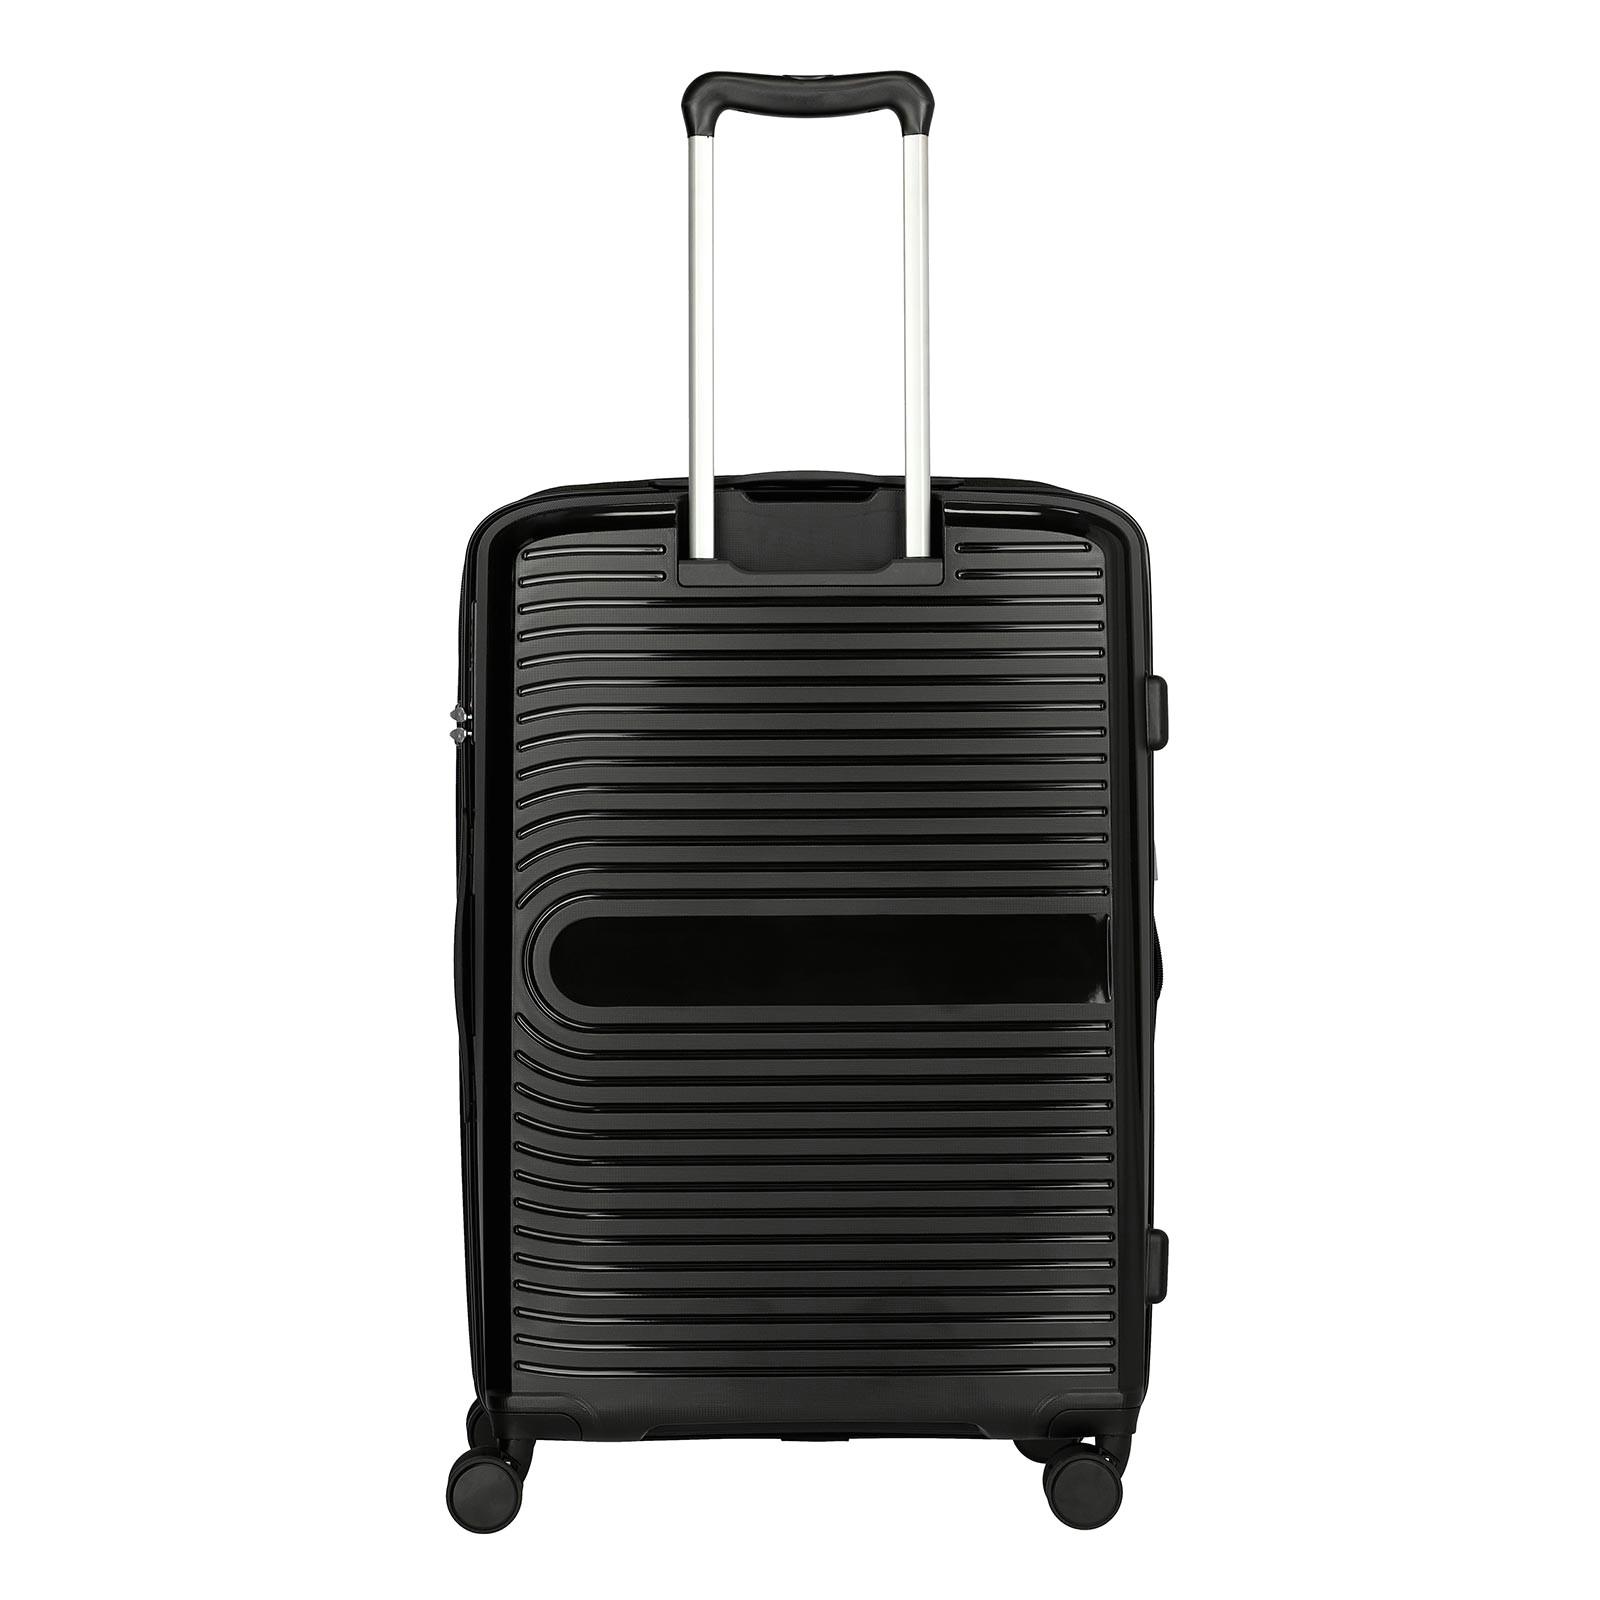 travelite ceris trolley 69 cm 4 rollen erweiterbar schwarz k113007 c jpg